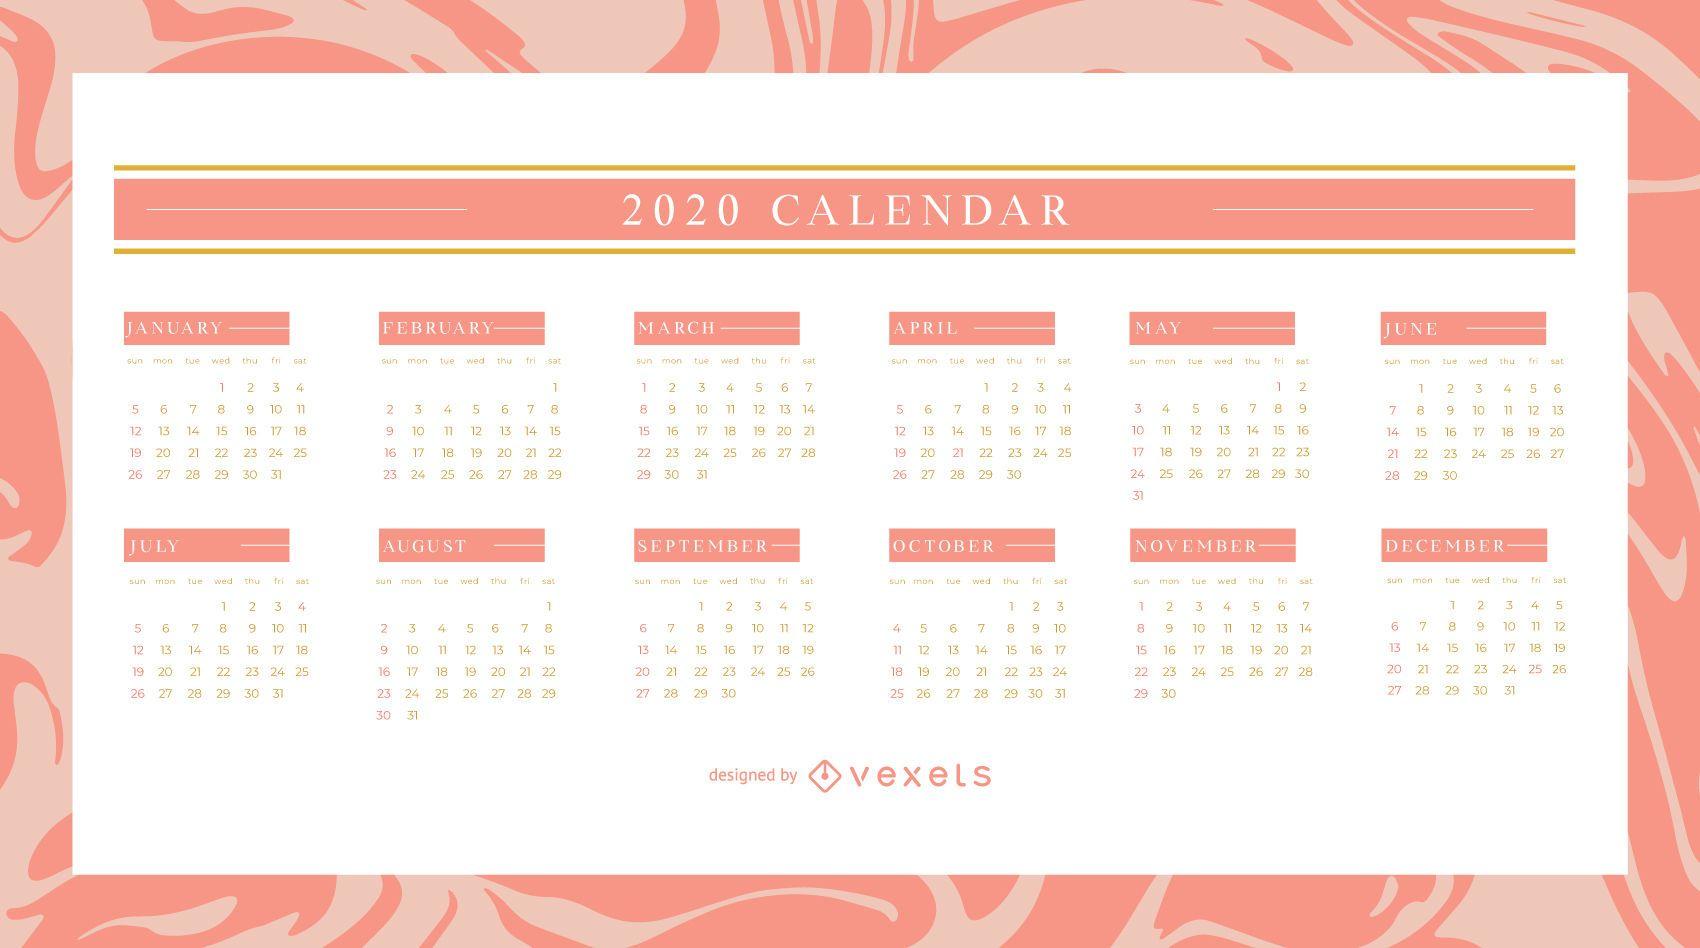 Elegant 2020 Calendar Design